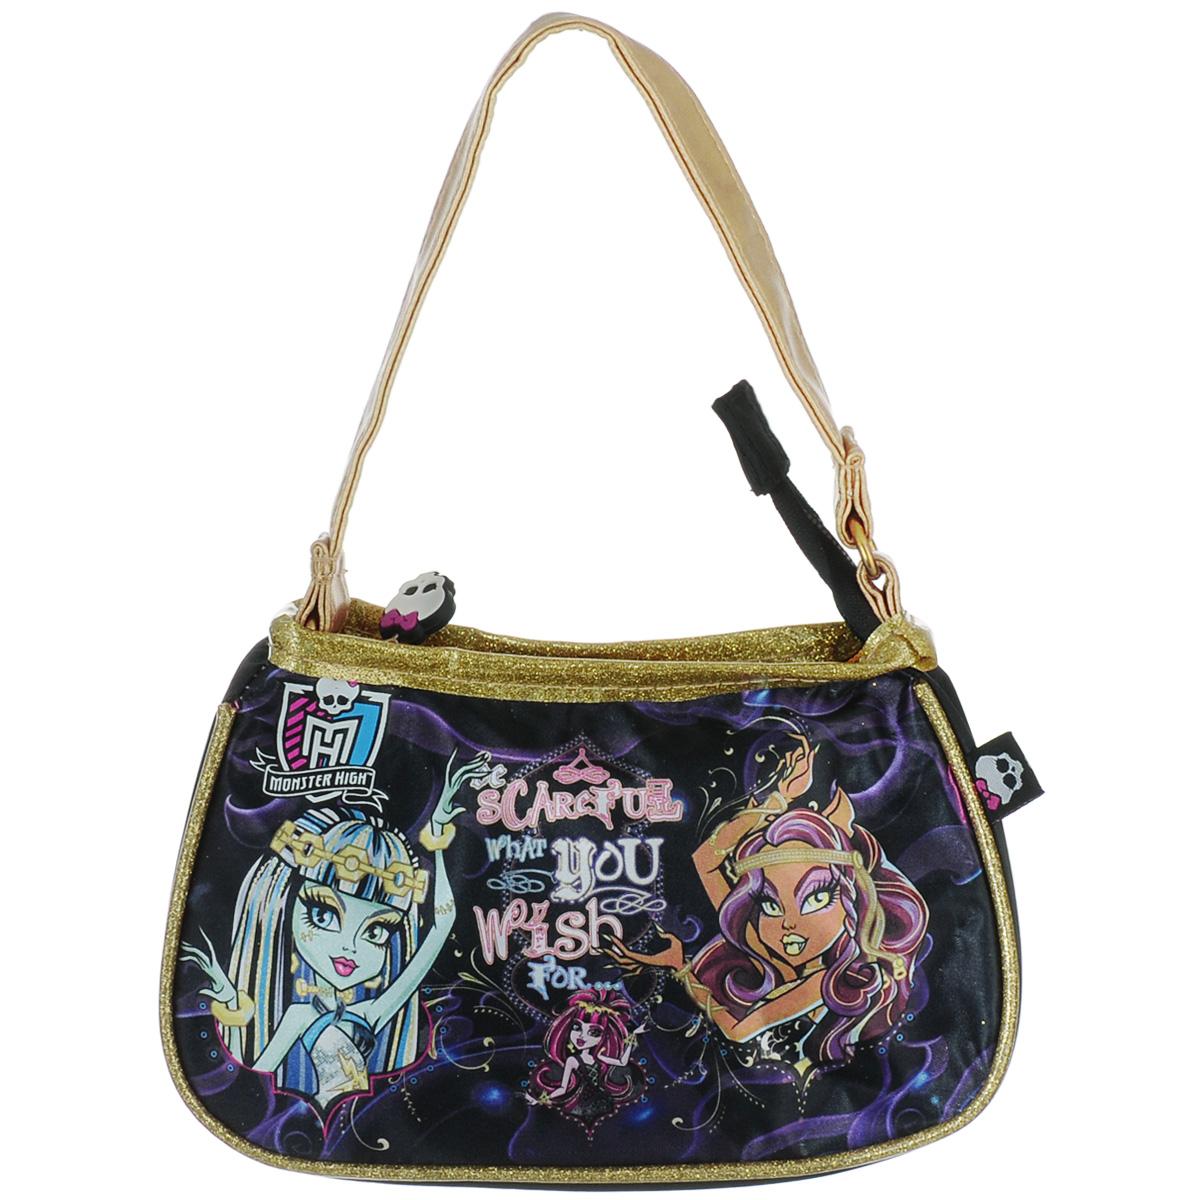 Сумочка детская Monster High. 8531385313Стильная детская сумочка Monster High, оформленная изображением героинь известного мультсериала Школа Монстров, несомненно, понравится вашей малышке. Сумочка имеет одно отделение, закрывающееся на металлическую застежку-молнию, куда можно положить все необходимые принадлежности и аксессуары, и одну ручку золотистого цвета, выполненную из искусственной кожи. Окантовка сумки выполнена из ПВХ и украшена блестками. Бегунок молнии декорирован резиновым элементом в виде черепа. Высота ручки 15 см. Каждая поклонница Школы Монстров будет в восторге от такого аксессуара!